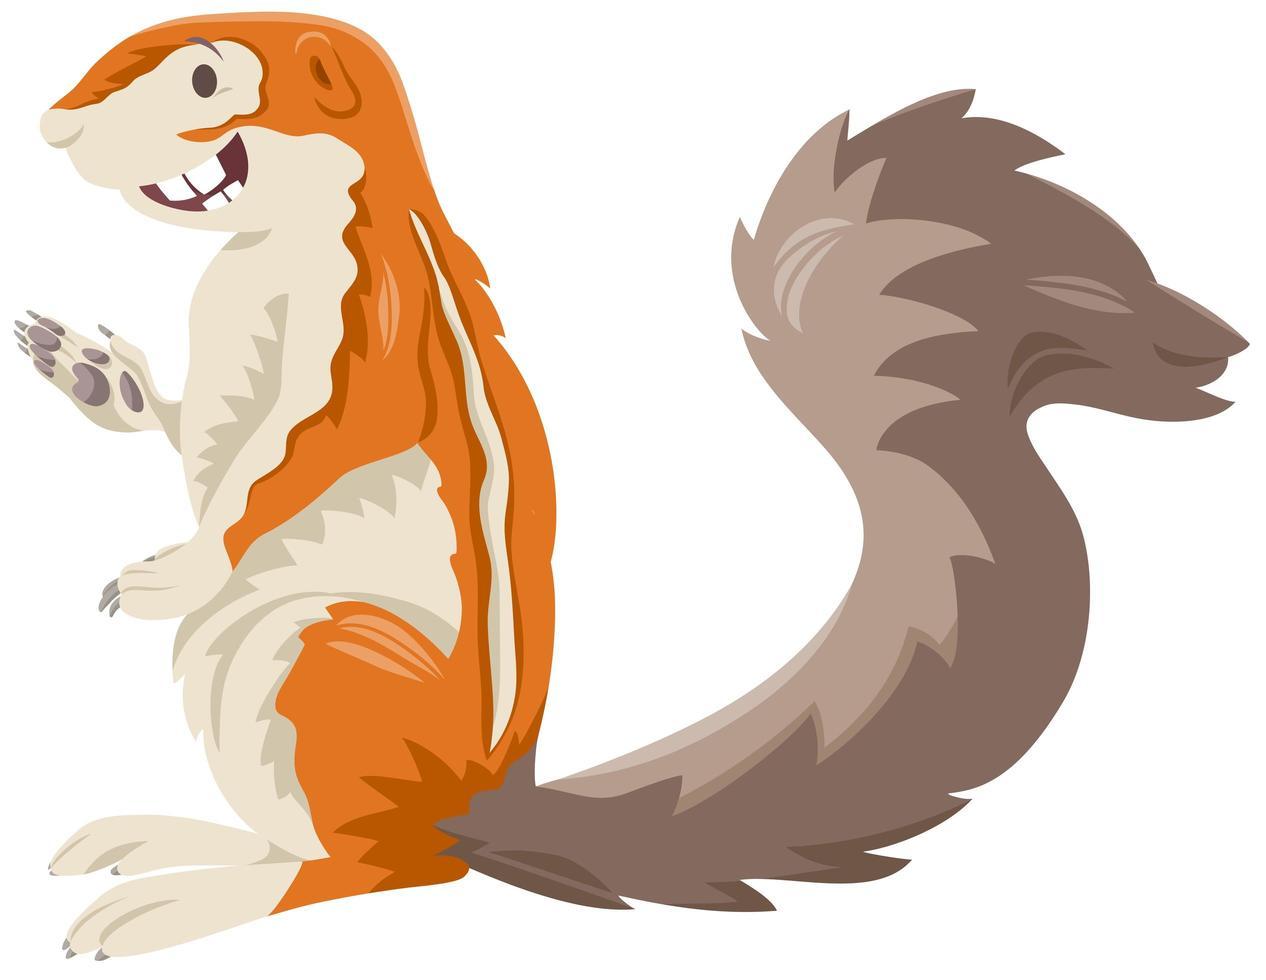 xerus scoiattolo cartoon carattere animale selvatico vettore